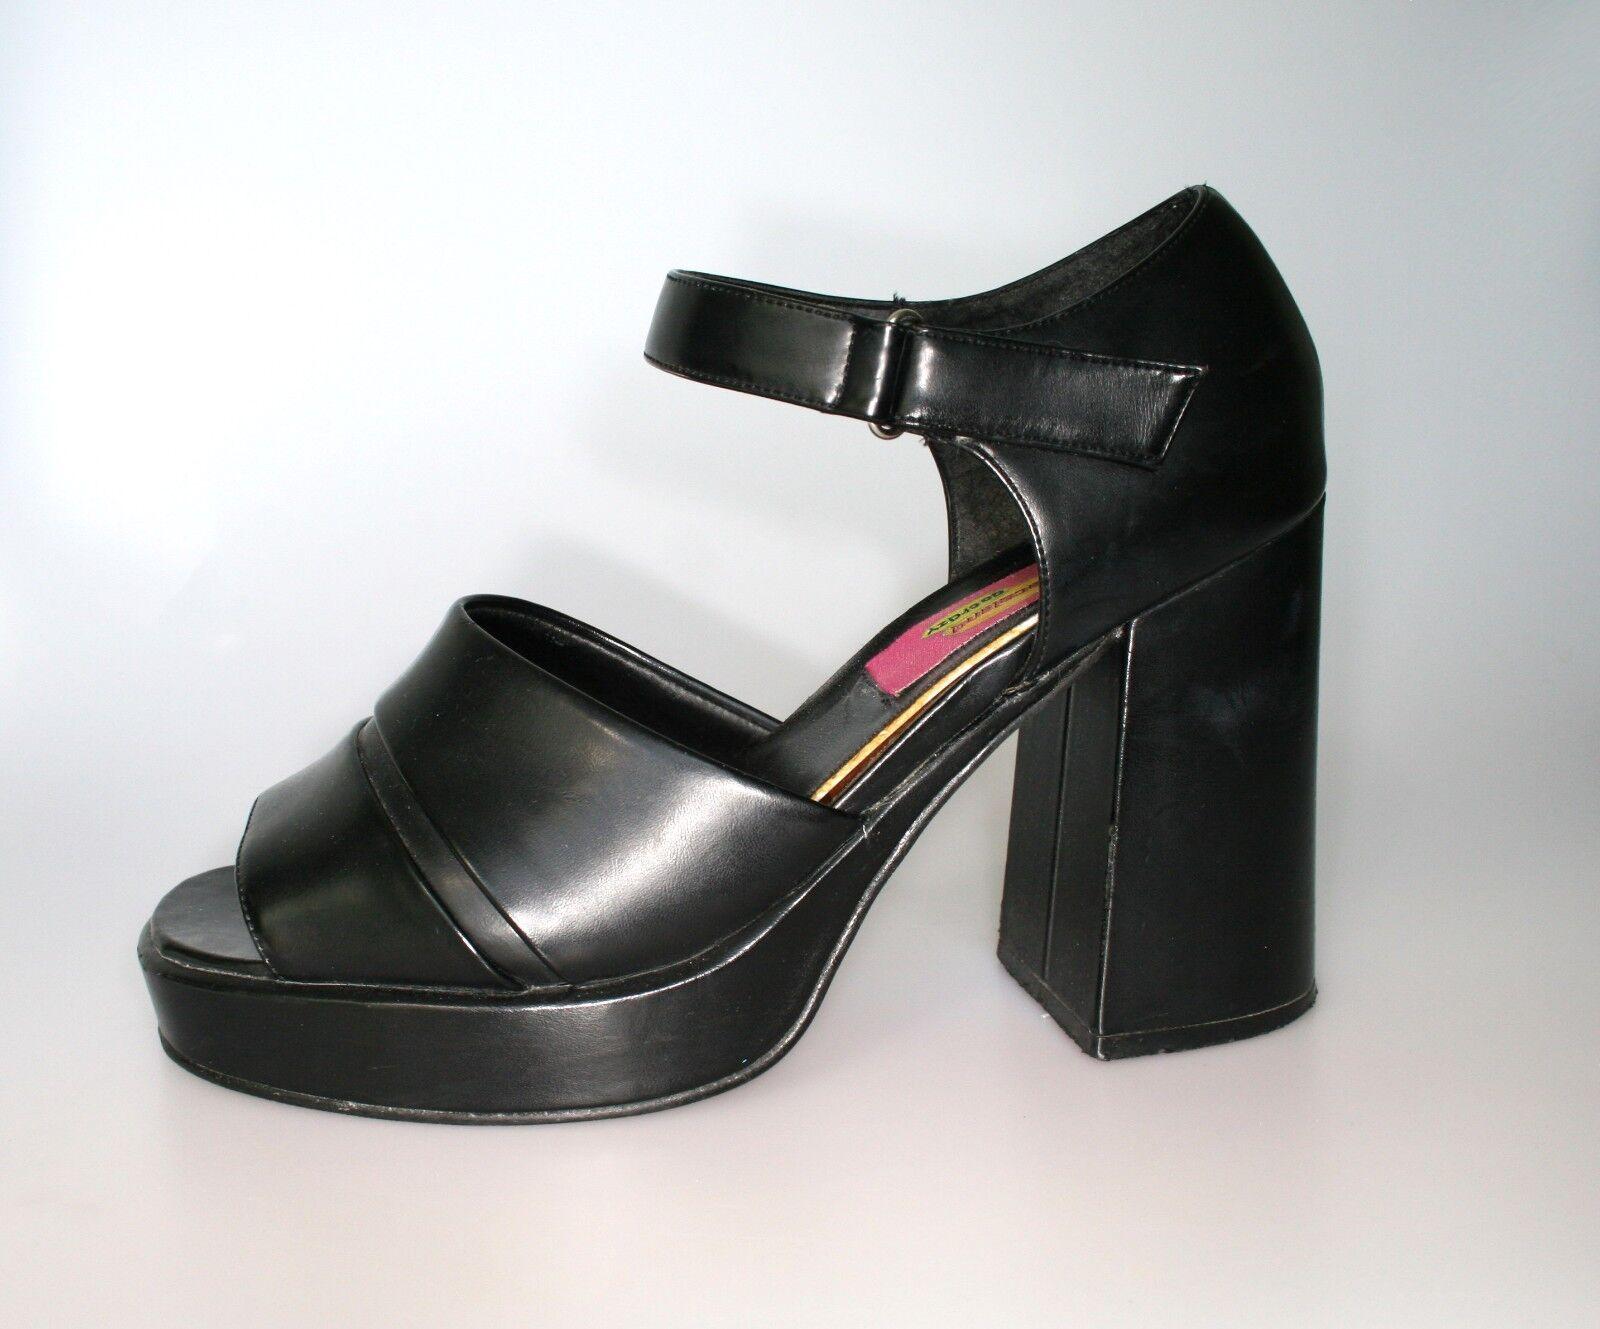 GRACELAND GO GO GO PARTY Schuhe sz. 41 plateau 90s vintage WOW b6a3e3